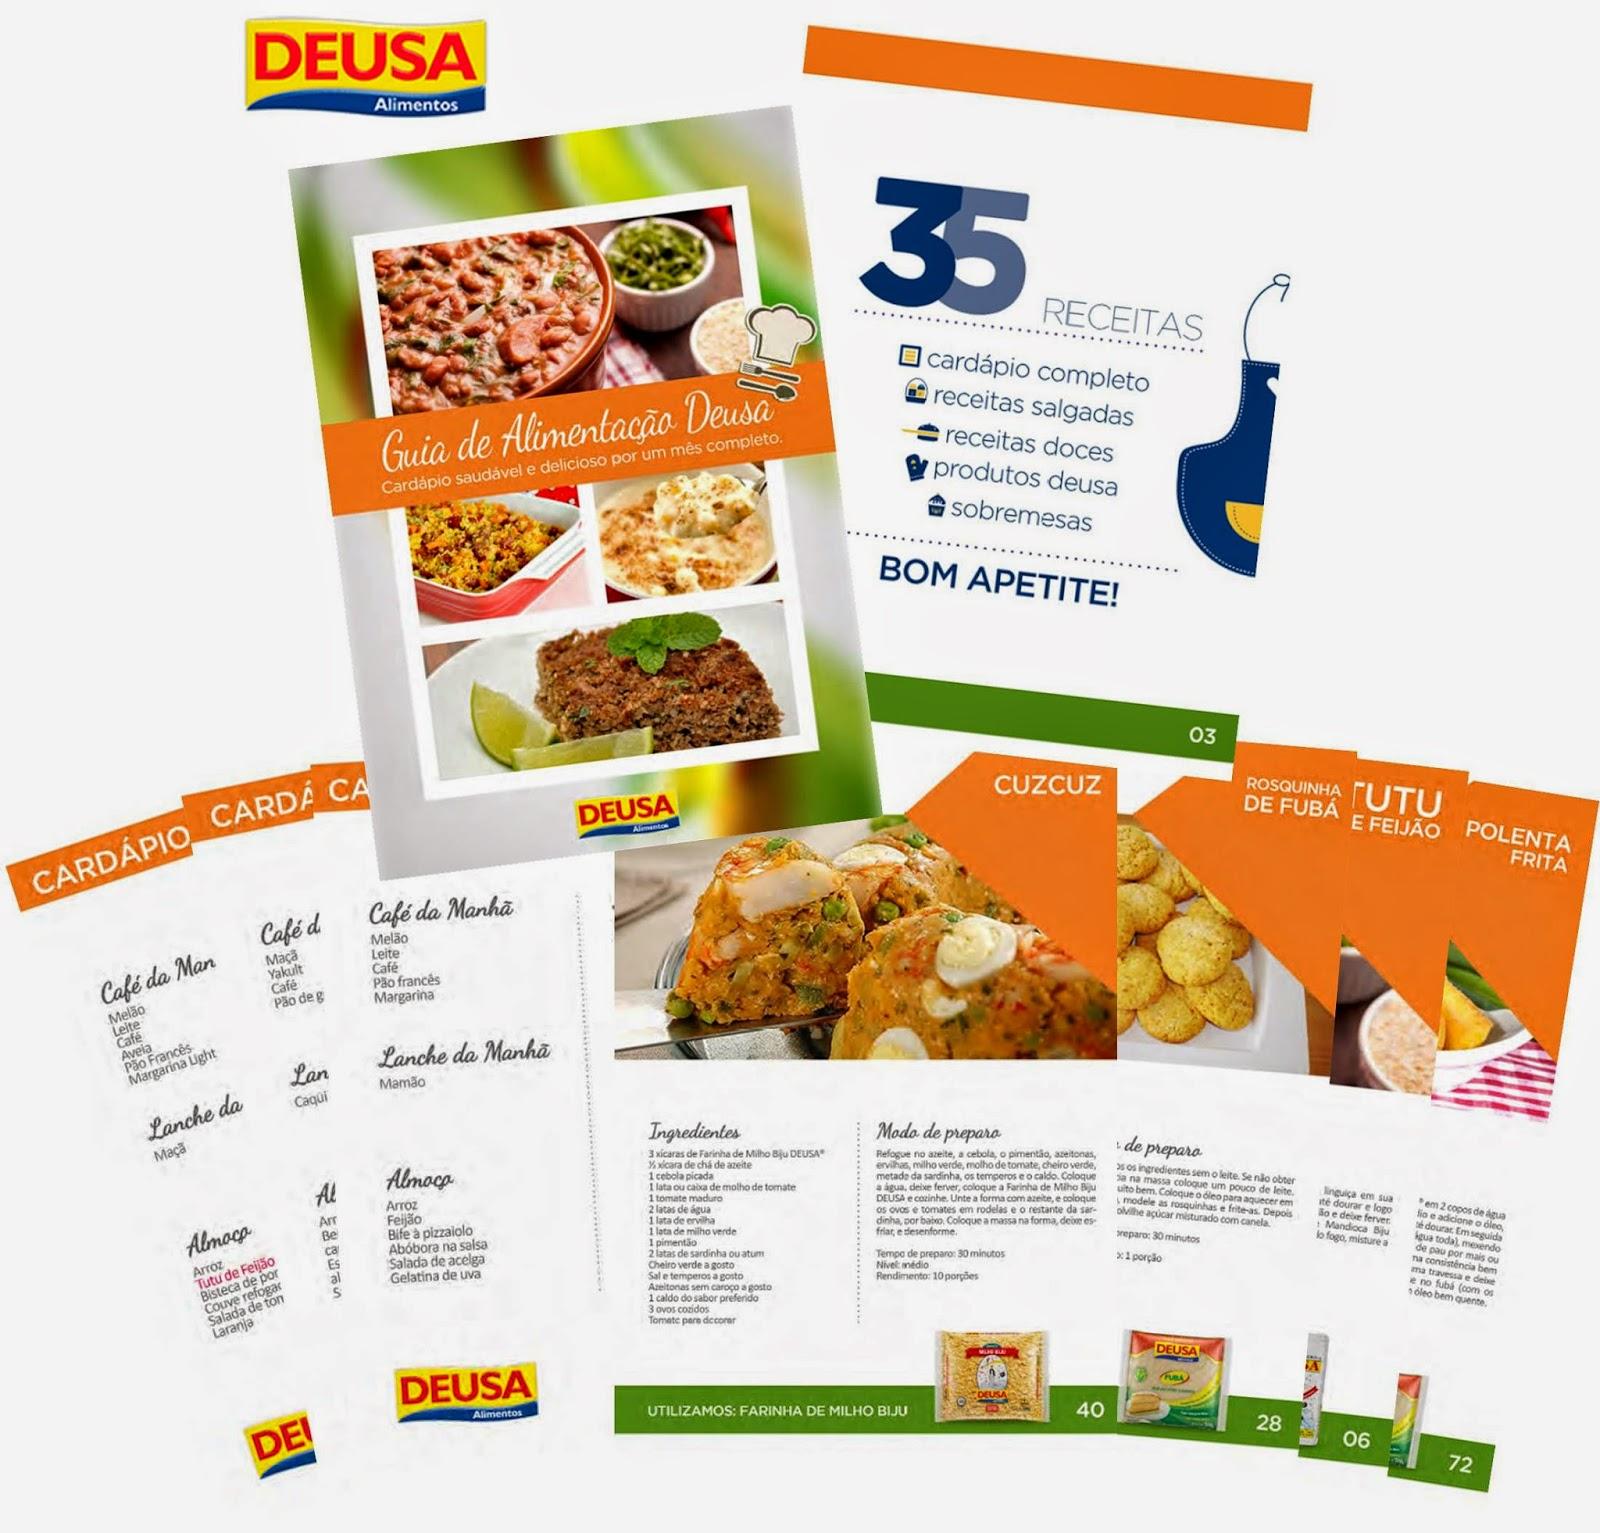 E-book Gratis - Guia de alimentação Deusa